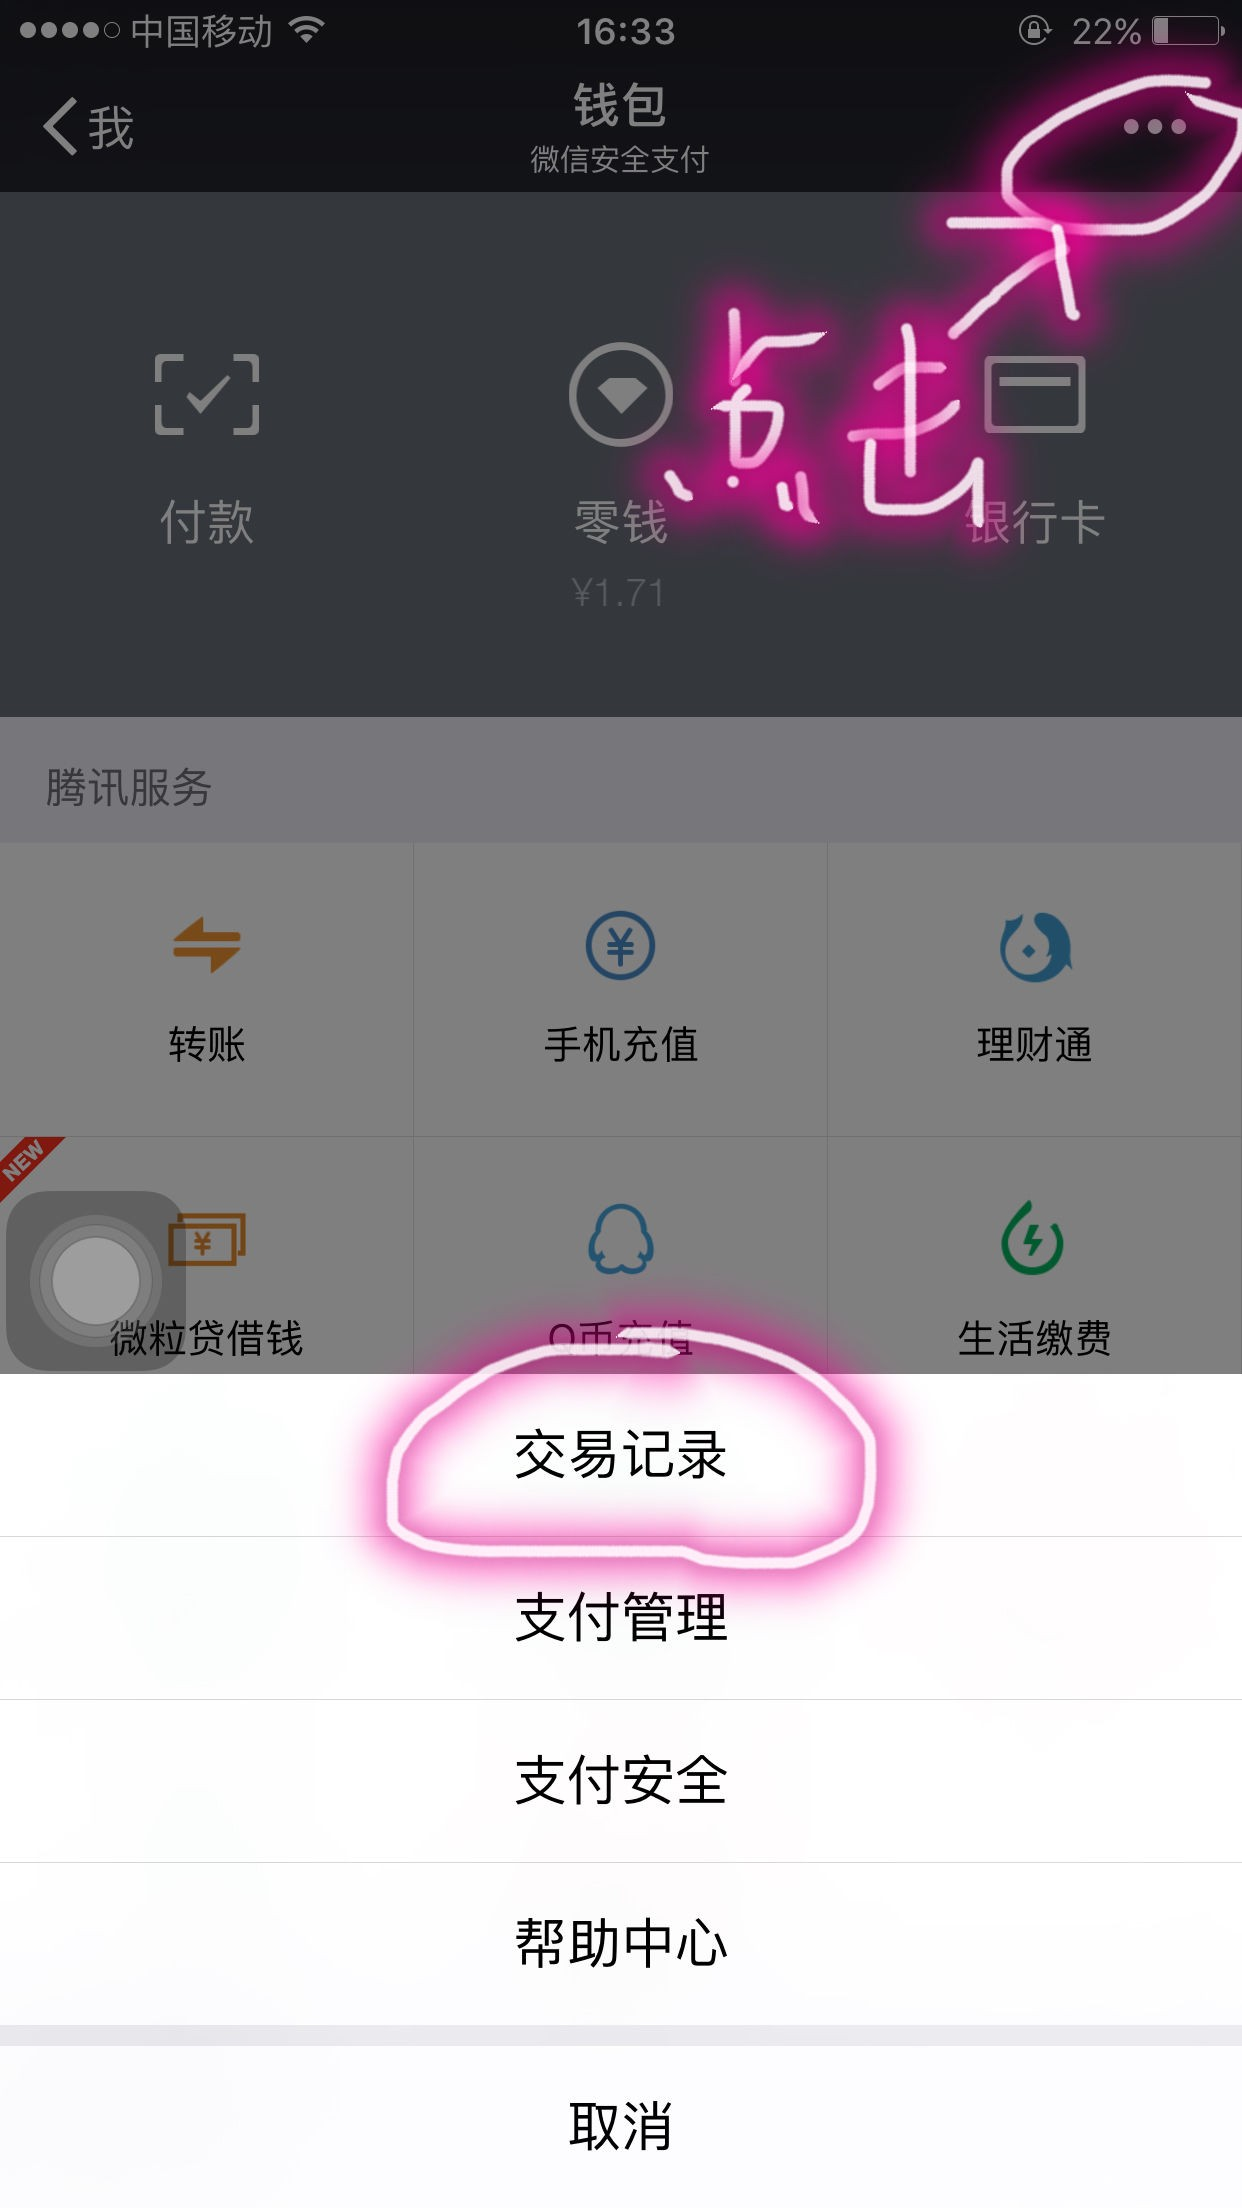 22版为例,苹果手机查询微信提现记录的步骤如下: 第一步,登录微信